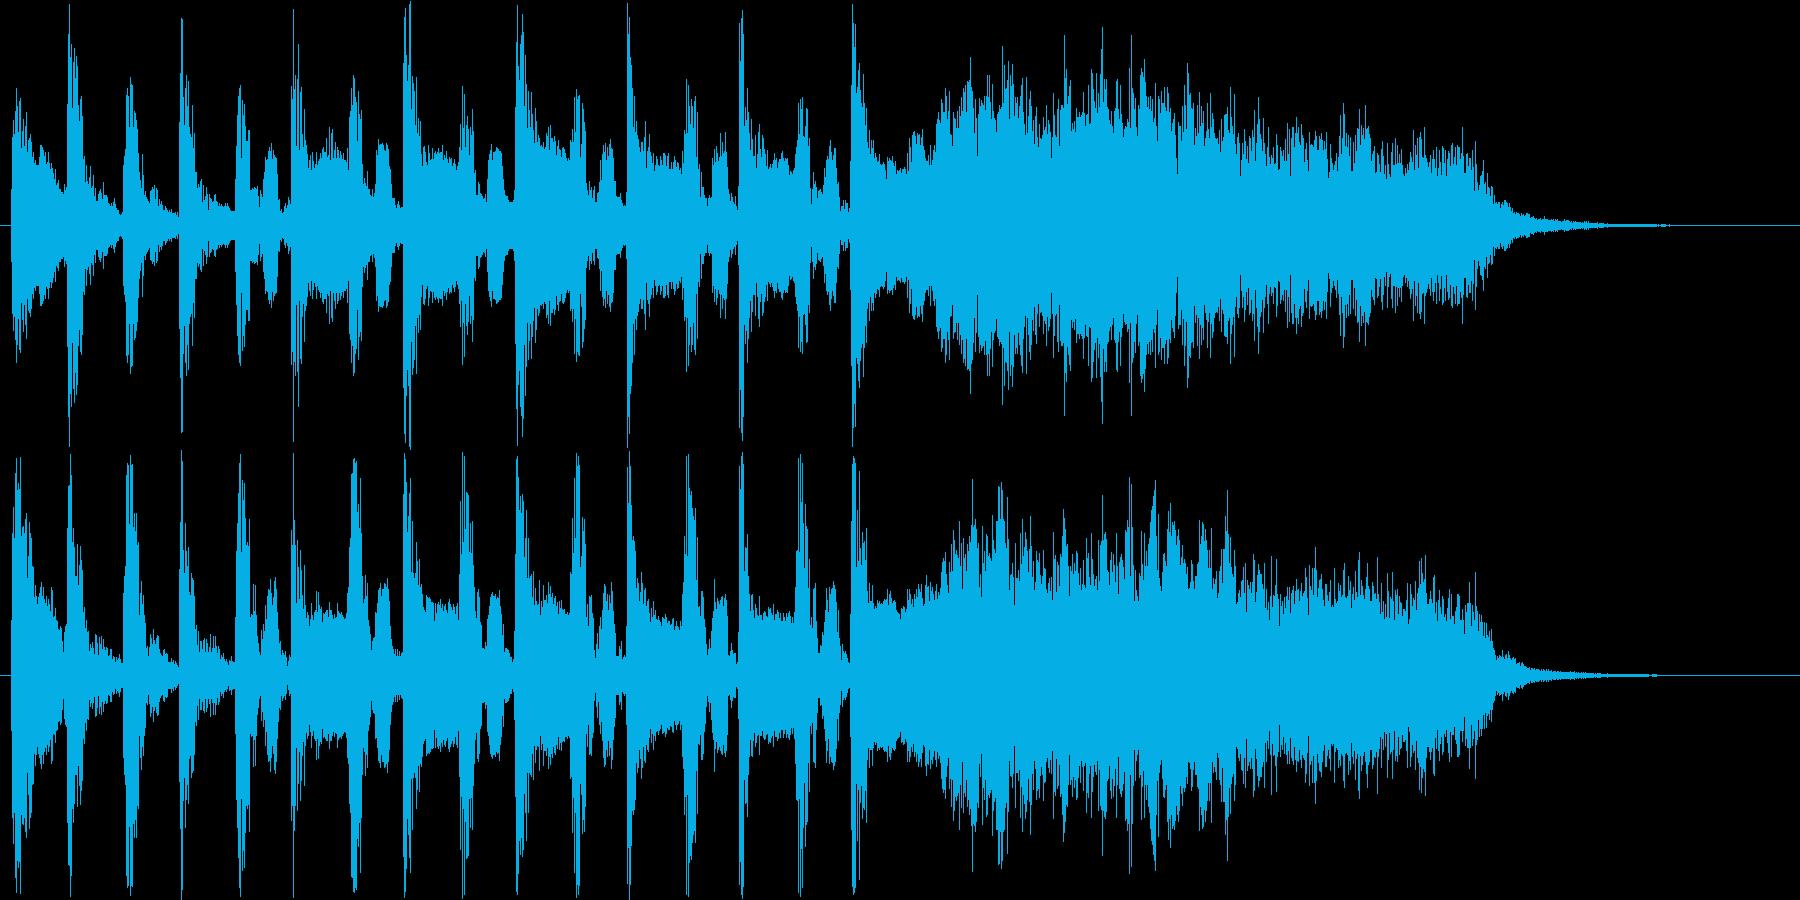 ミステリアスな音階のピアノの効果音の再生済みの波形